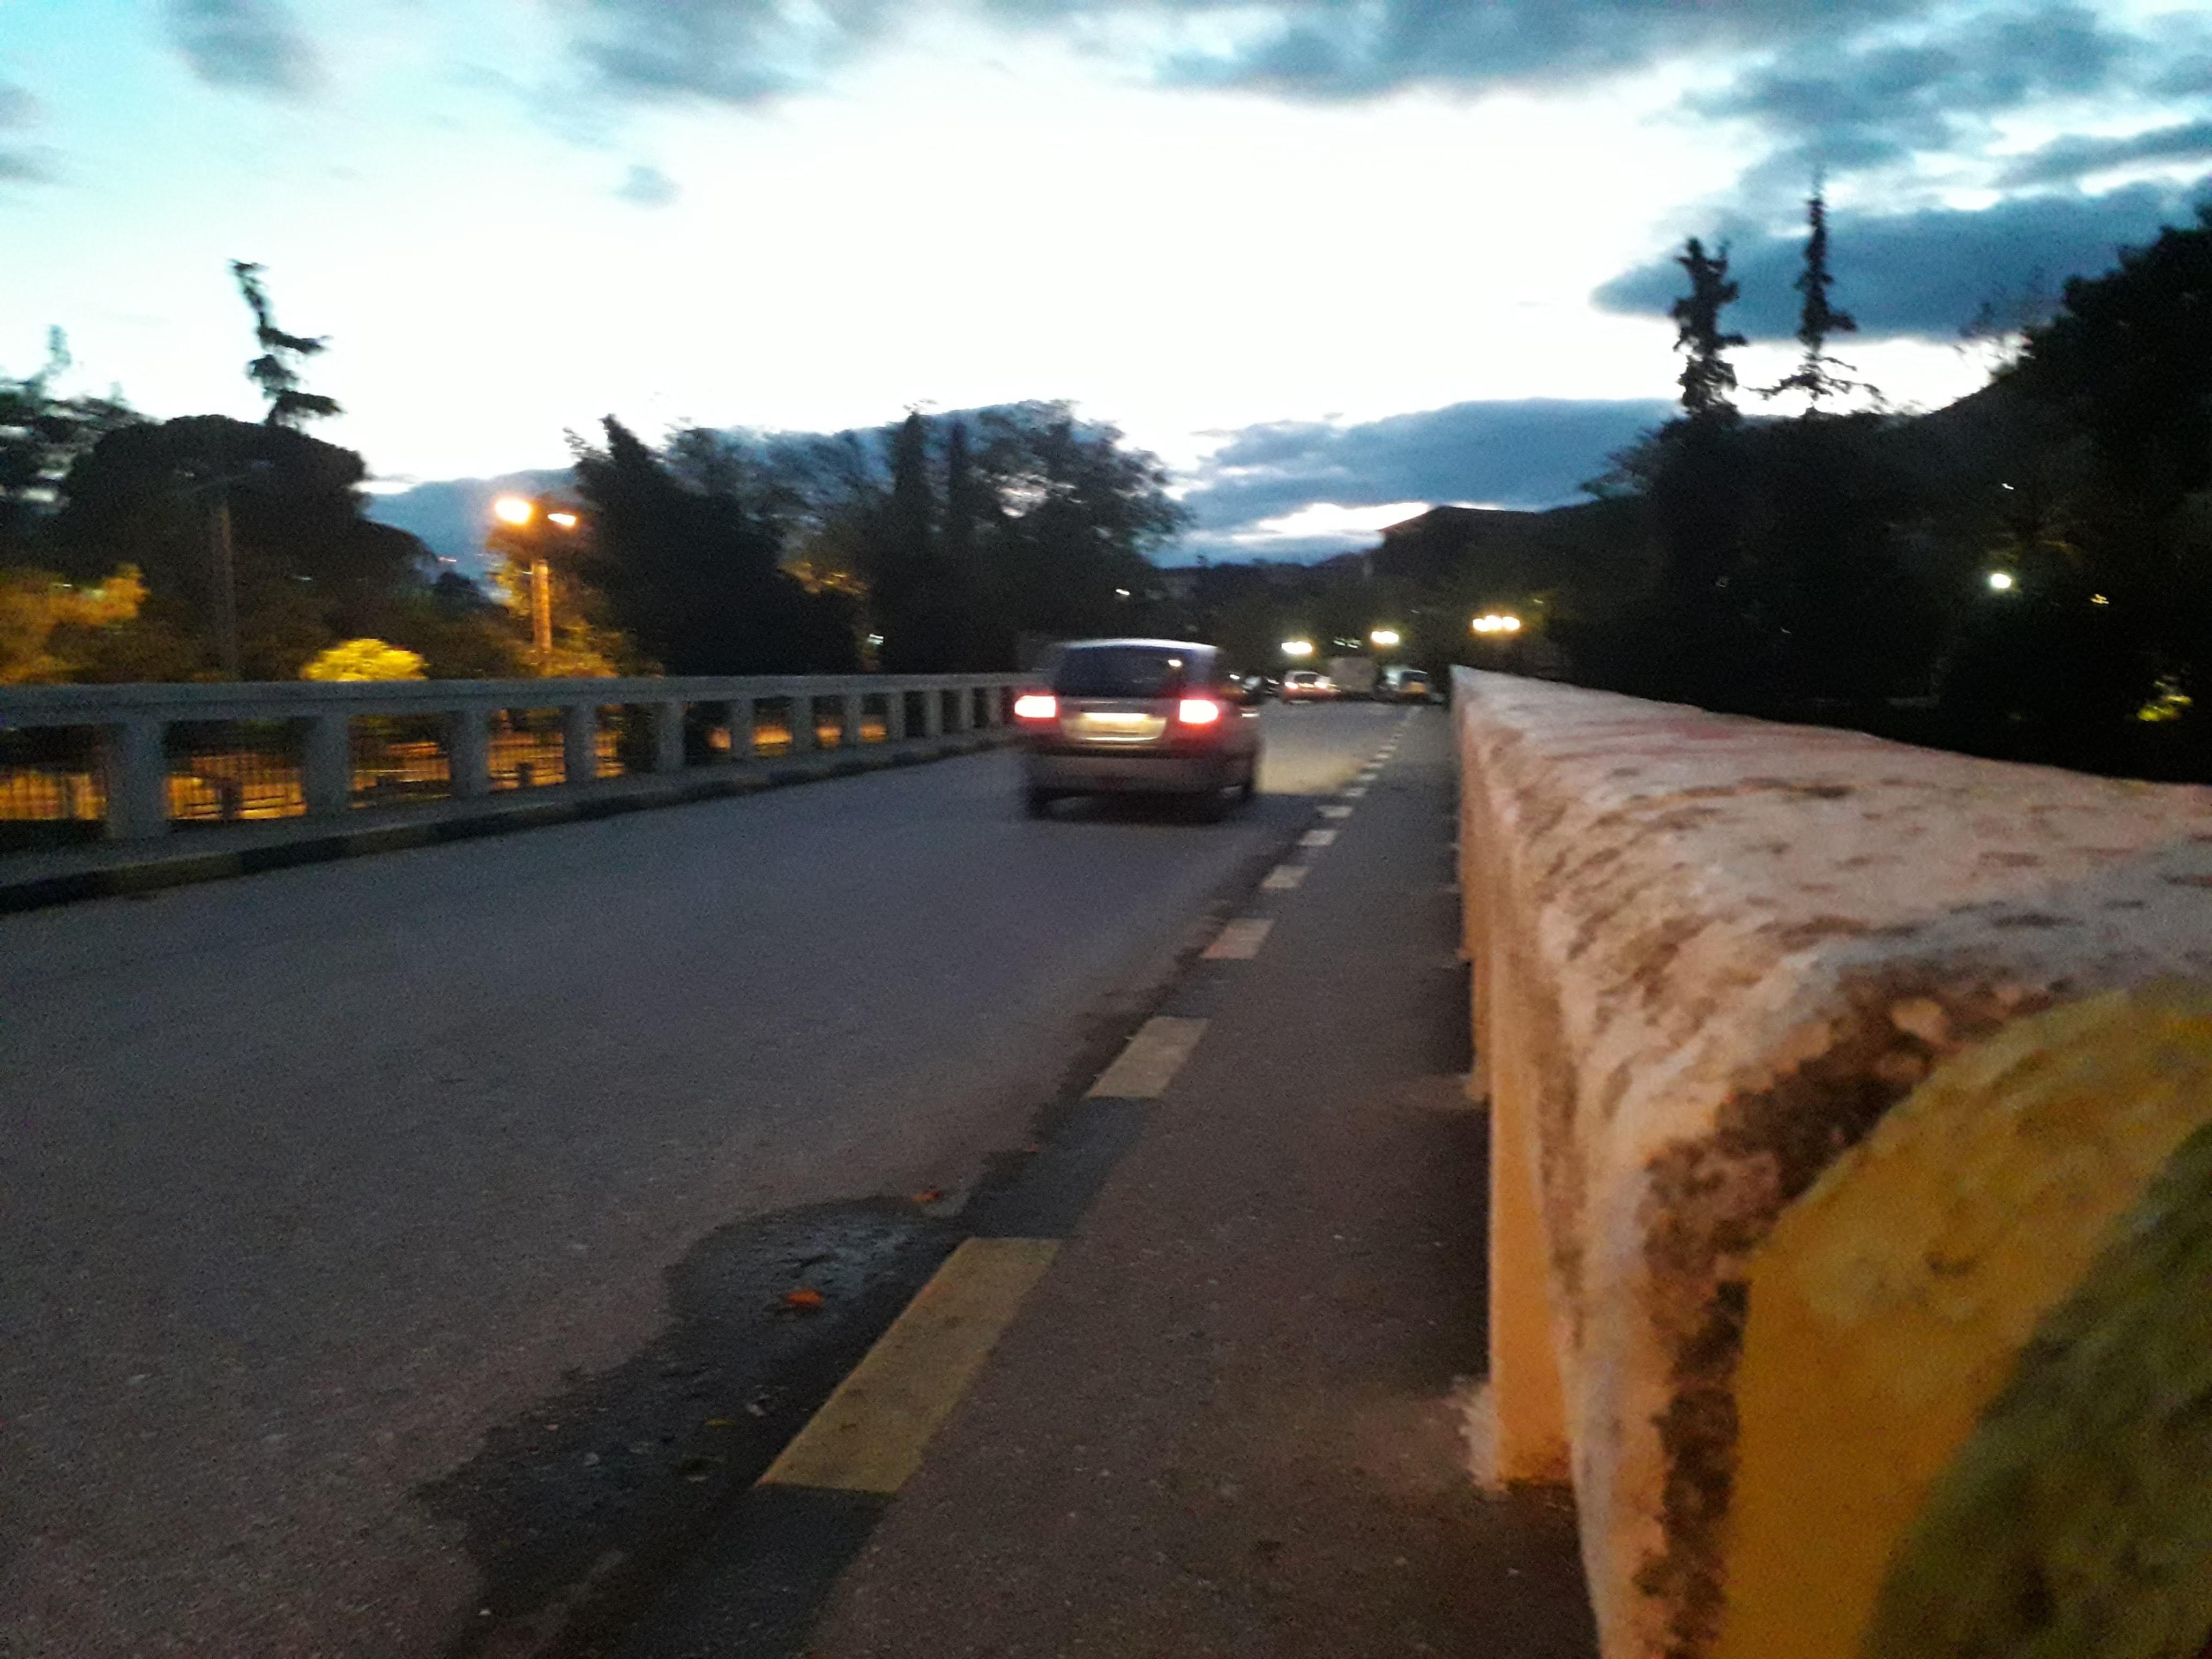 Κορονοϊός: Αντιδράσεις στην Ξάνθη για την παράταση των μέτρων